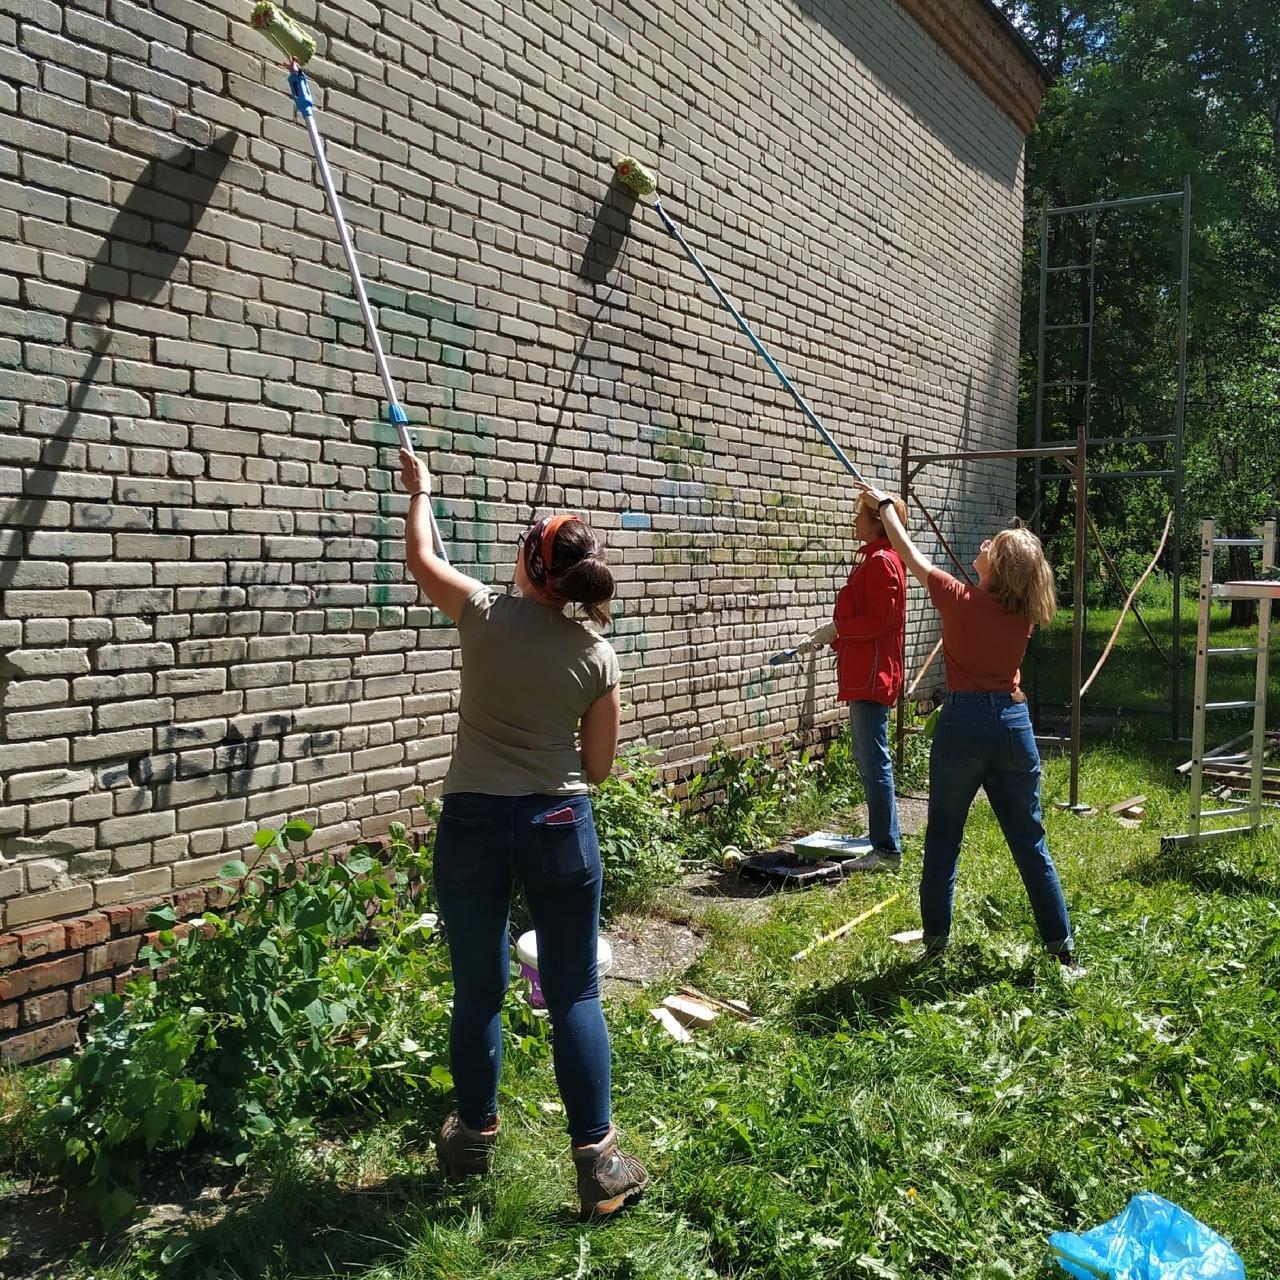 Фото «Вы делаете гетто из Академгородка»: что происходит с граффити художников в научном центре Новосибирска 5